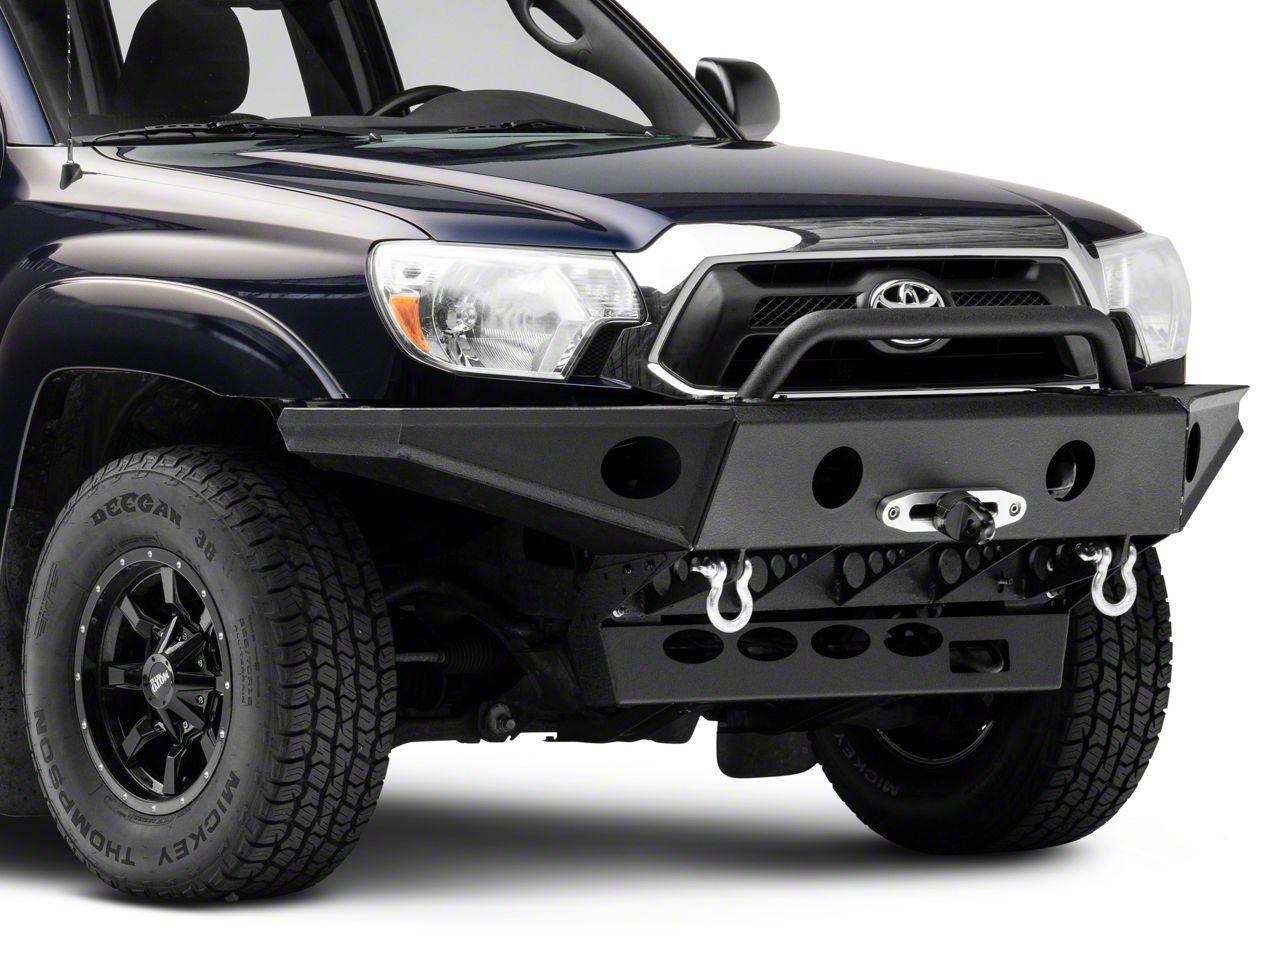 DV8 Off-Road Front Bumper (05-15 Tacoma)